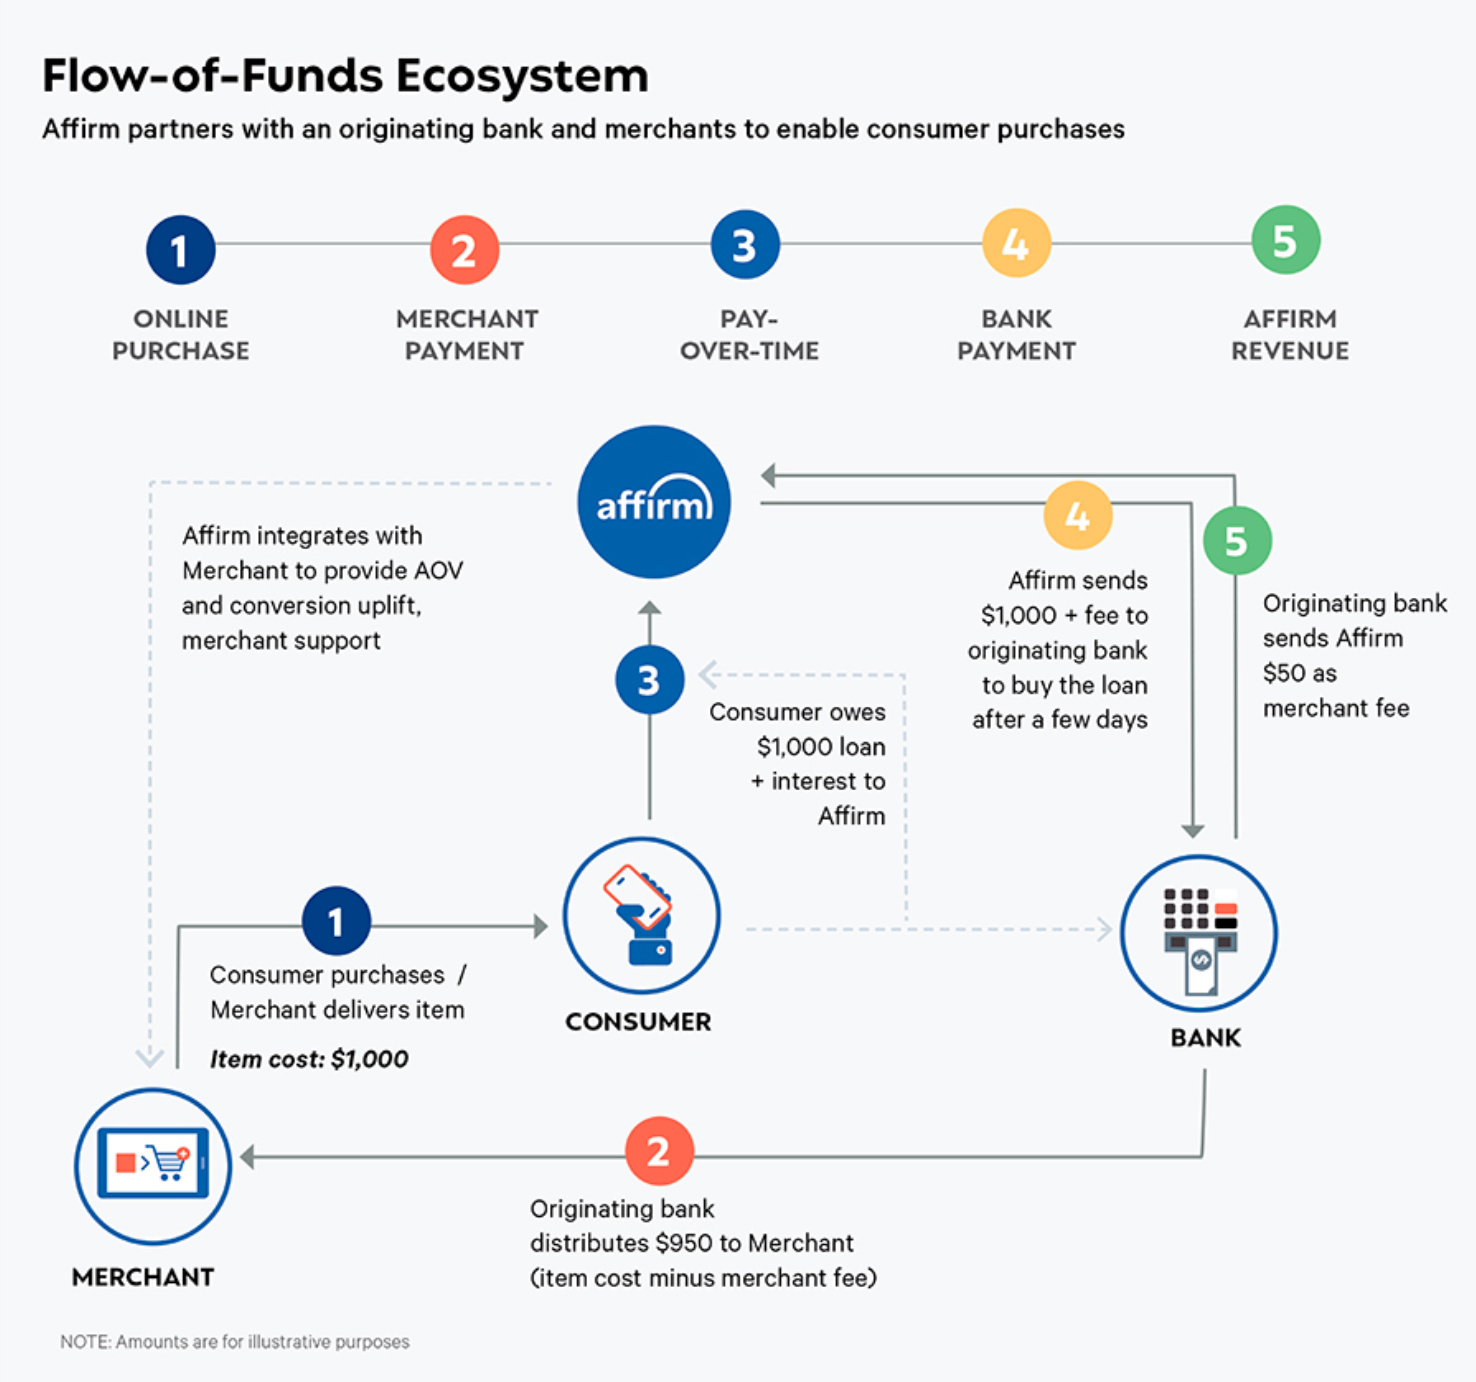 Affirm-Loan-Origination-and-Servicing-Model